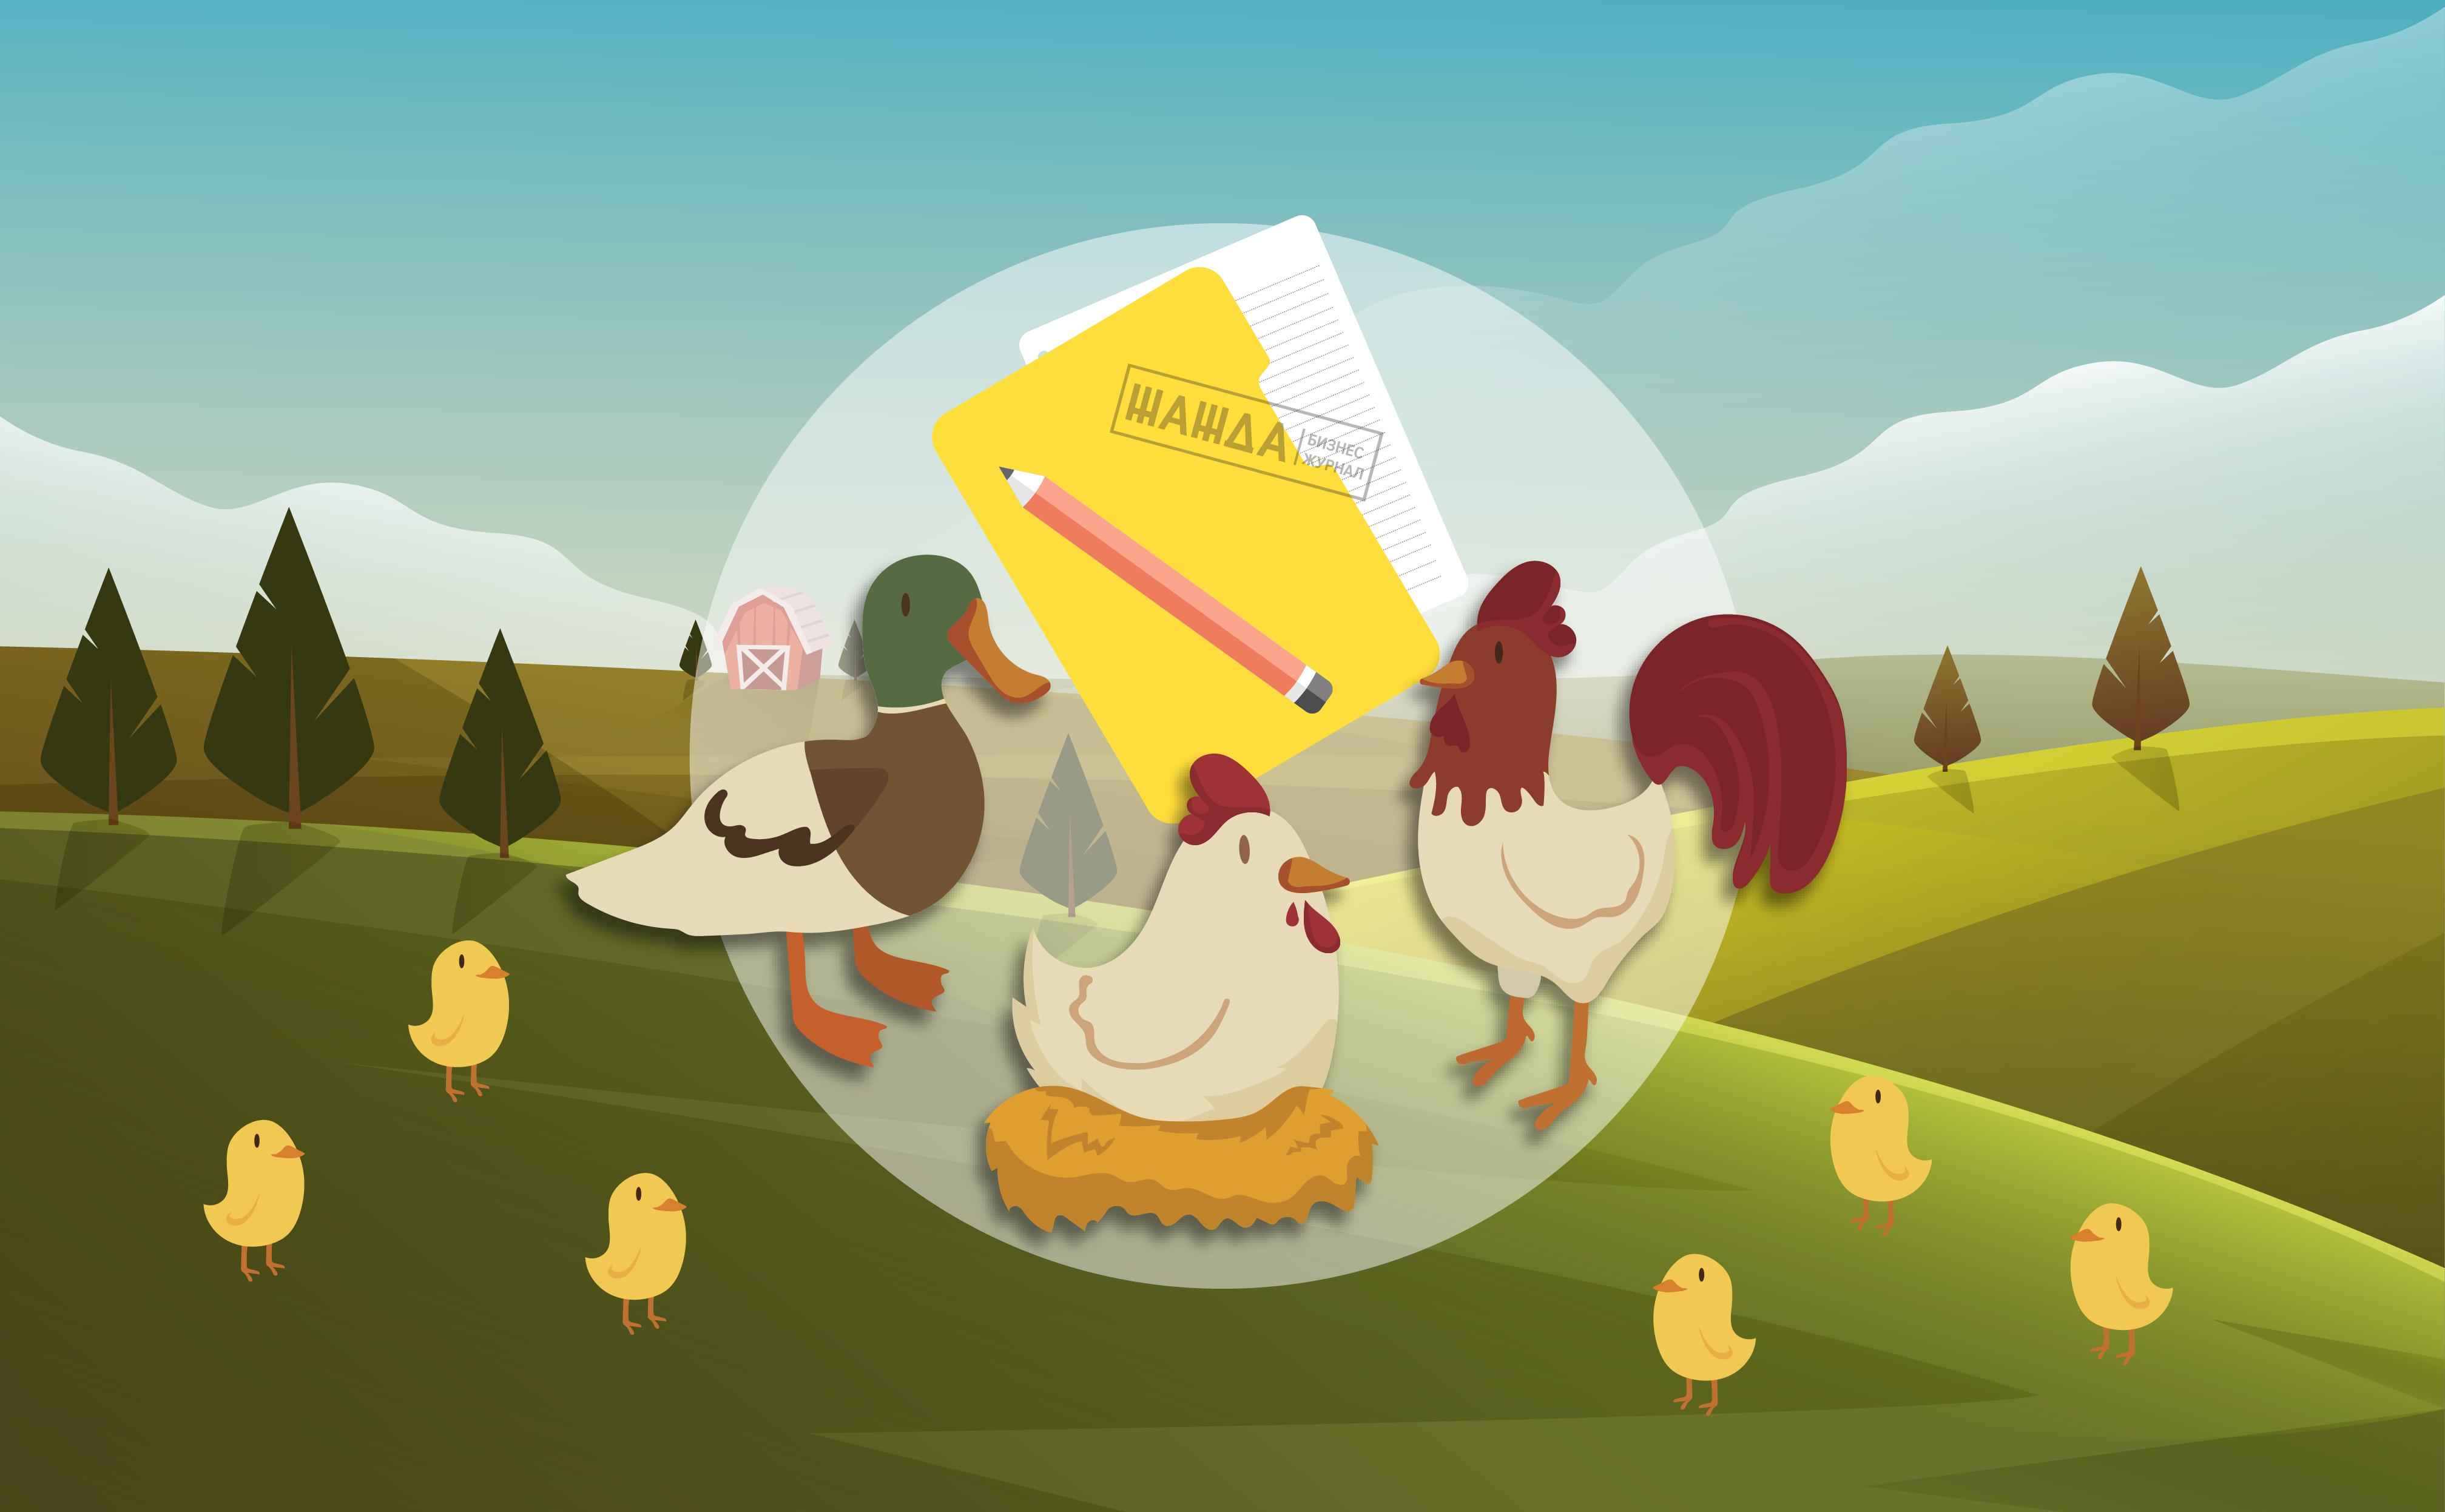 Бизнес план птицефабрики пример бизнес план продажи спецодежды